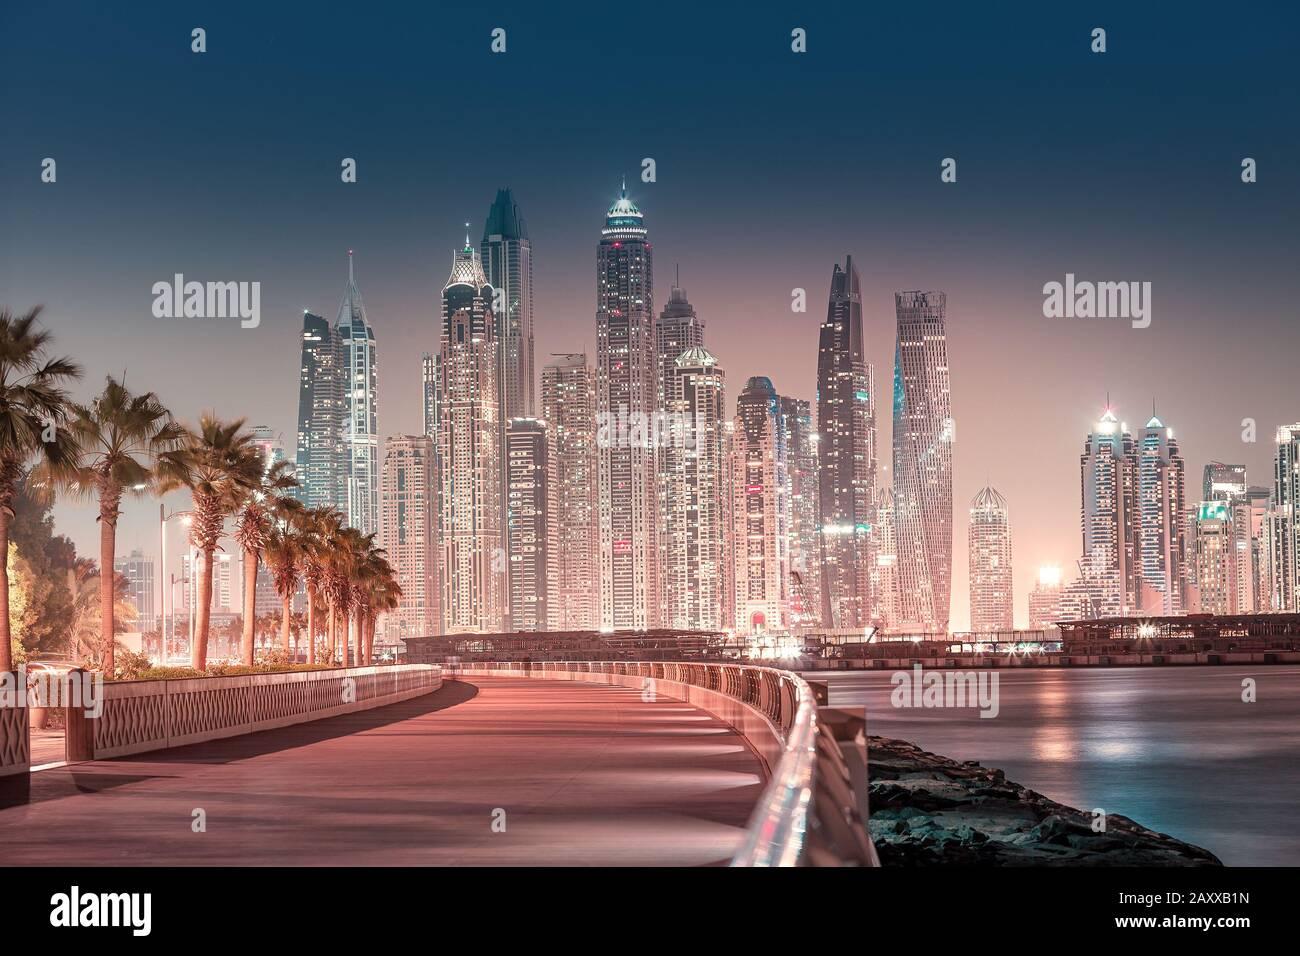 Majestuosa vista de la ciudad de rascacielos y edificios de hotel en el área del puerto deportivo de Dubai desde la isla Palm Jumeirah en Dubai. Bienes raíces y atracción turística Foto de stock